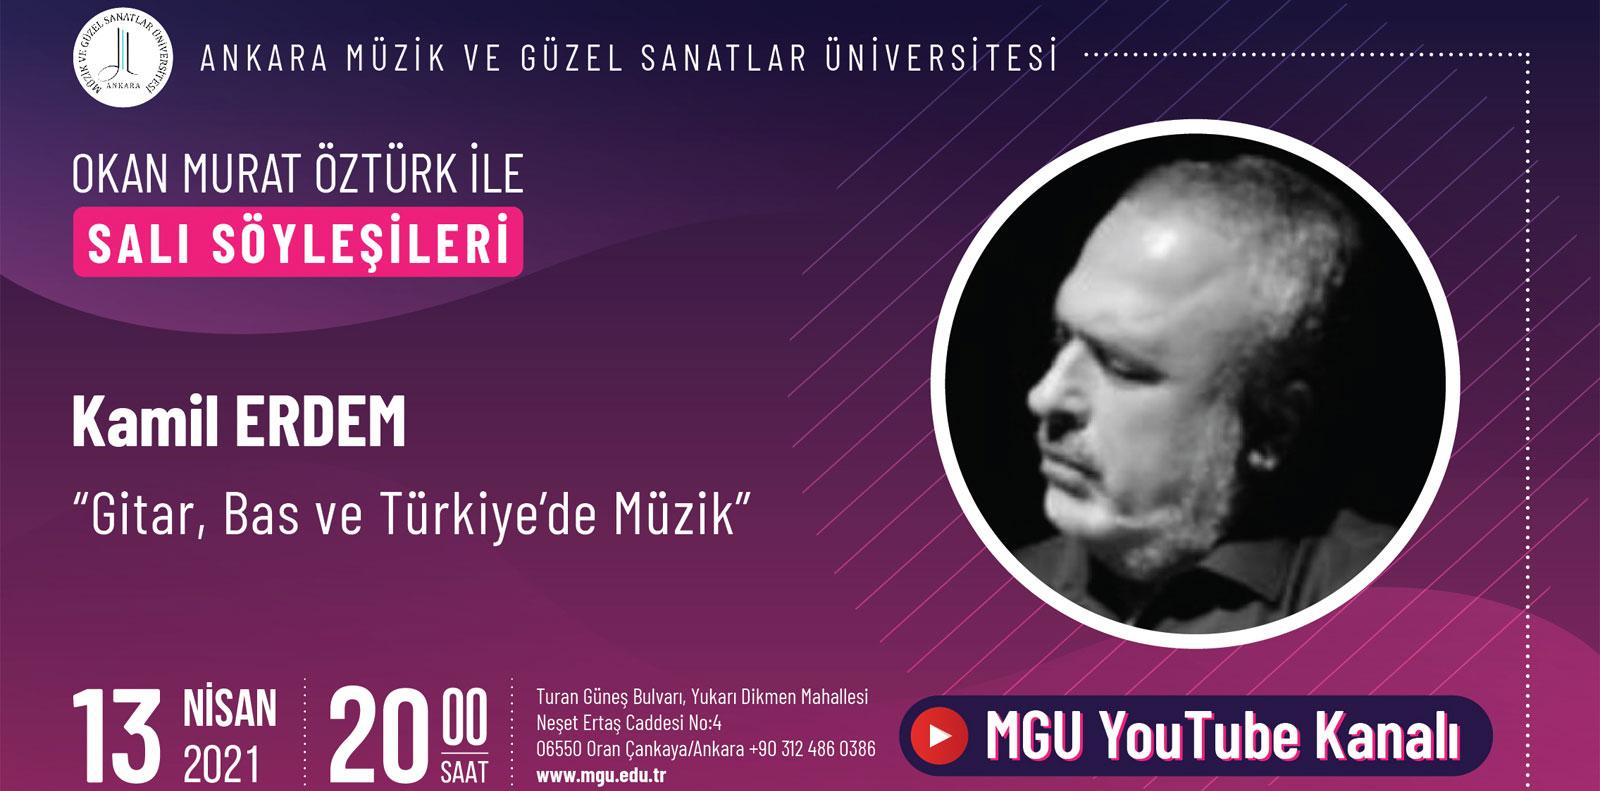 Okan Murat Öztürk ile Salı Sohbetleri Slide